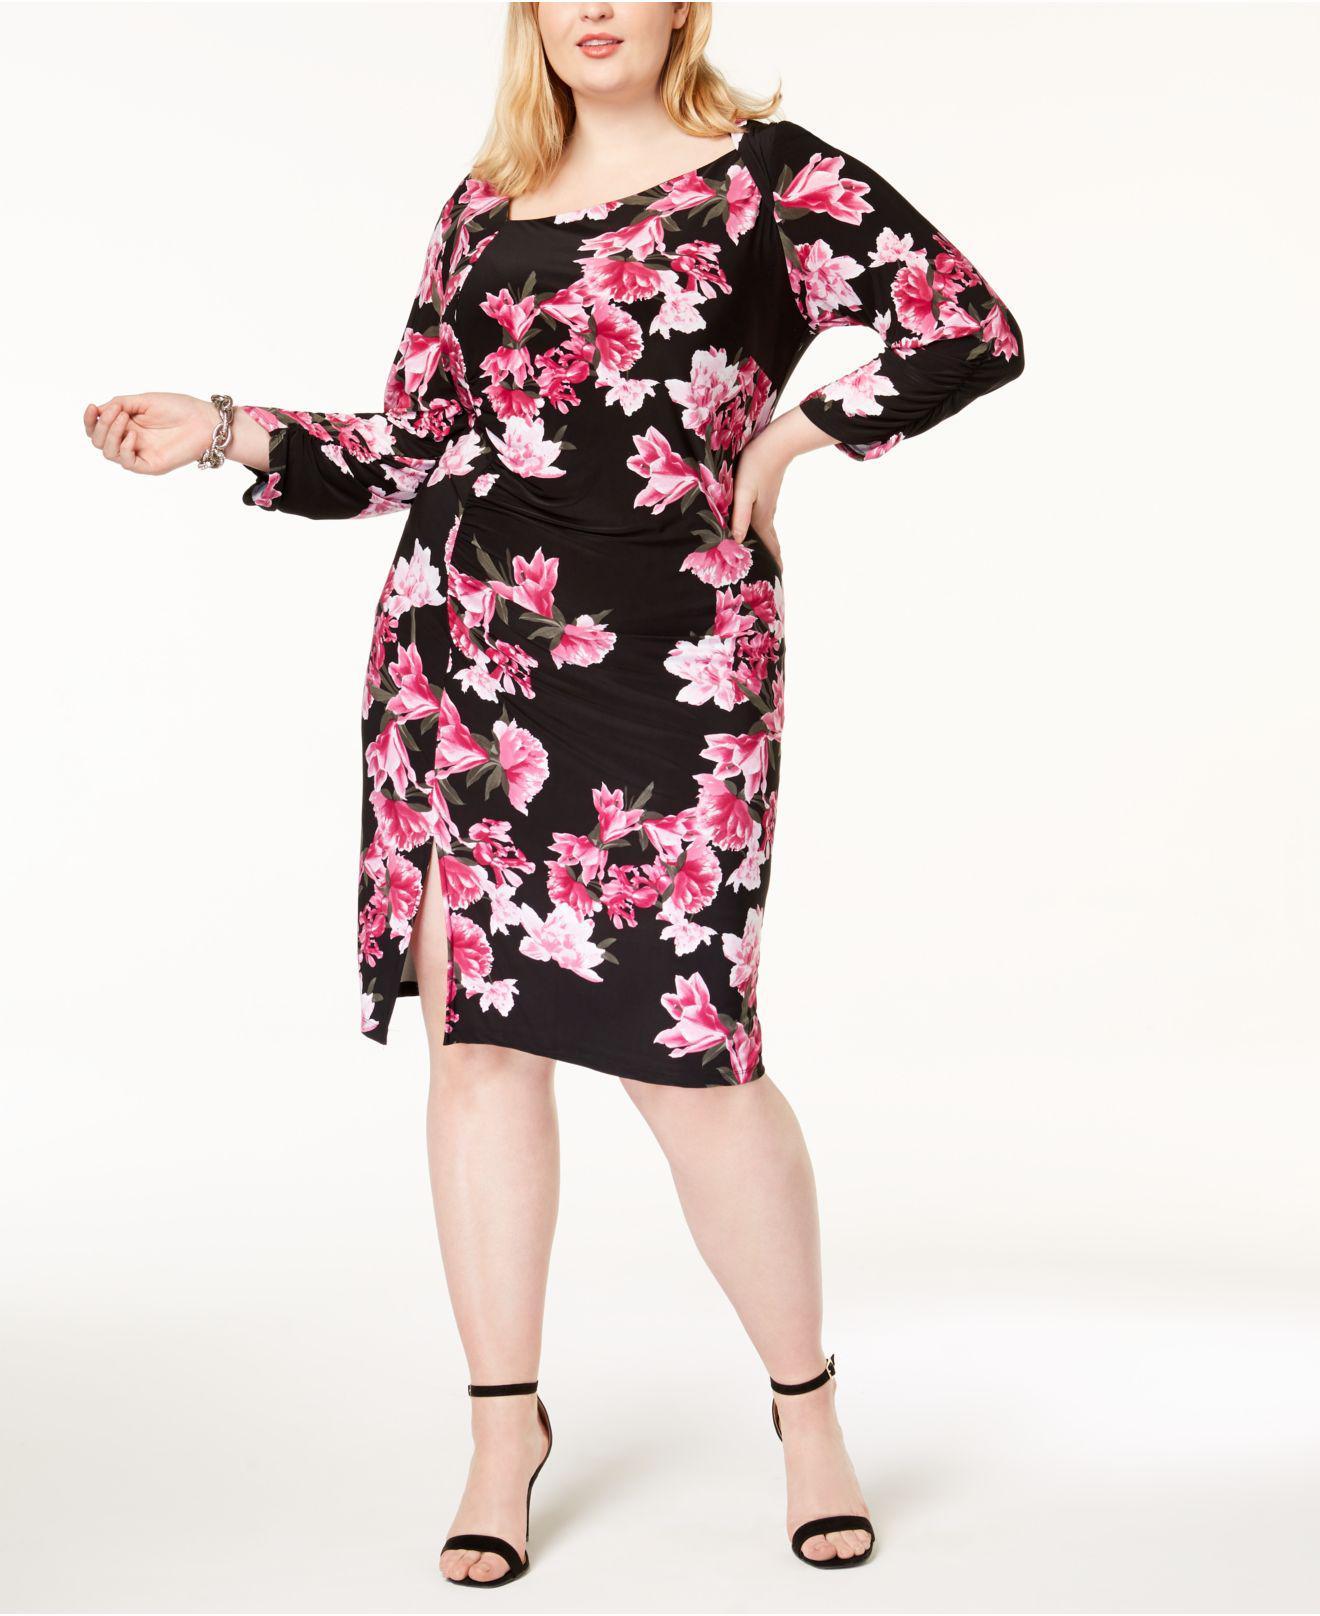 Details about INC International Concepts Plus Size Floral Print Black  Sheath Dress 3X